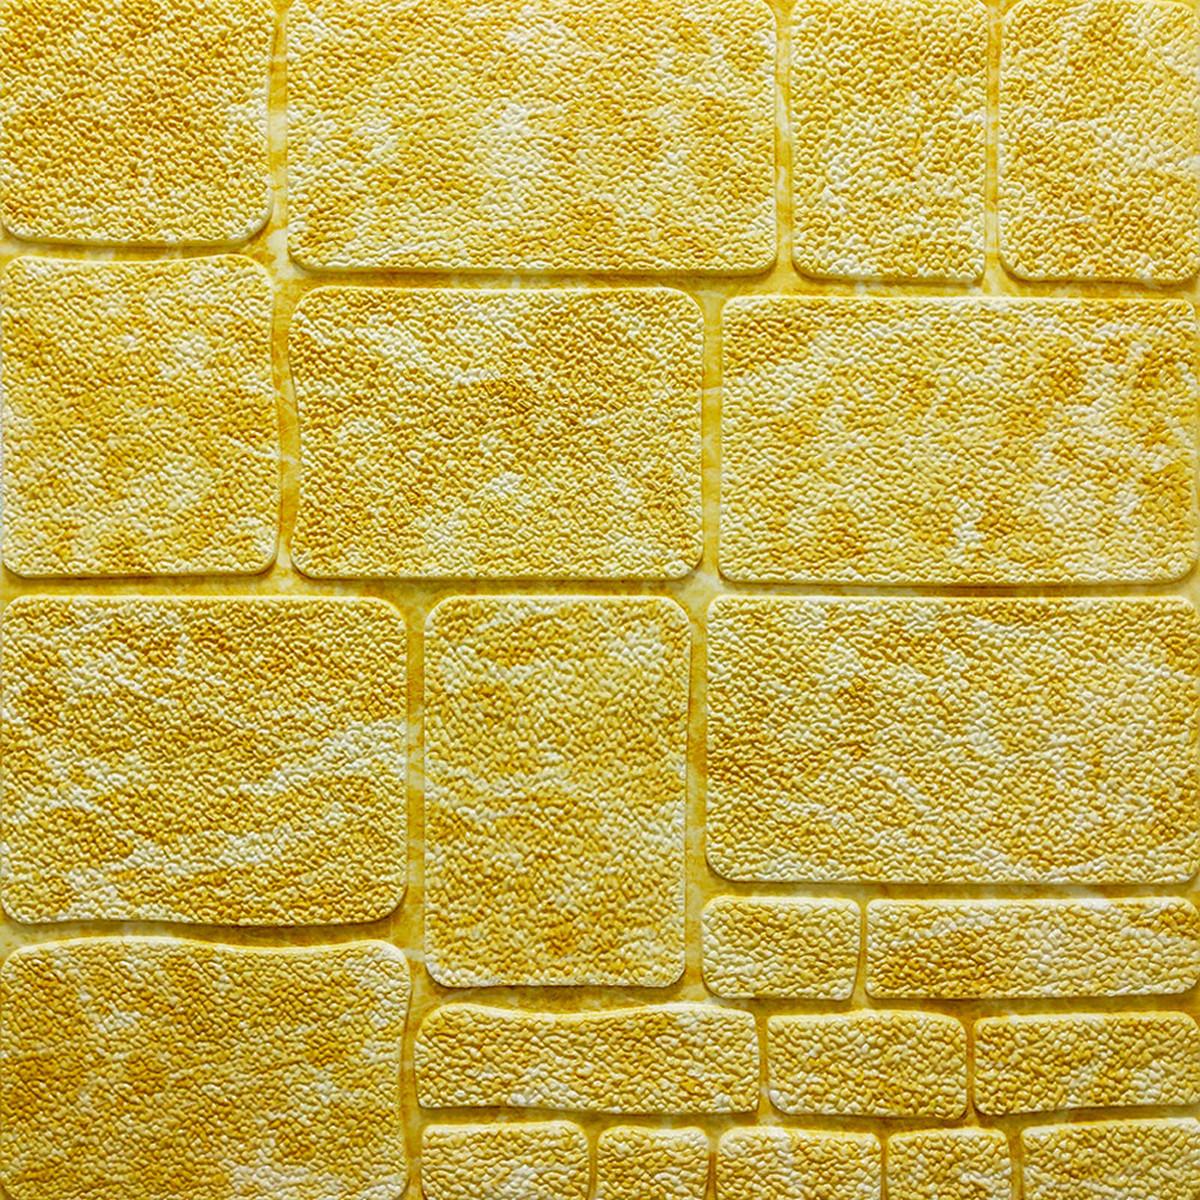 Самоклеюча декоративна 3D панель камінь жовтий мармур 700х700х7мм